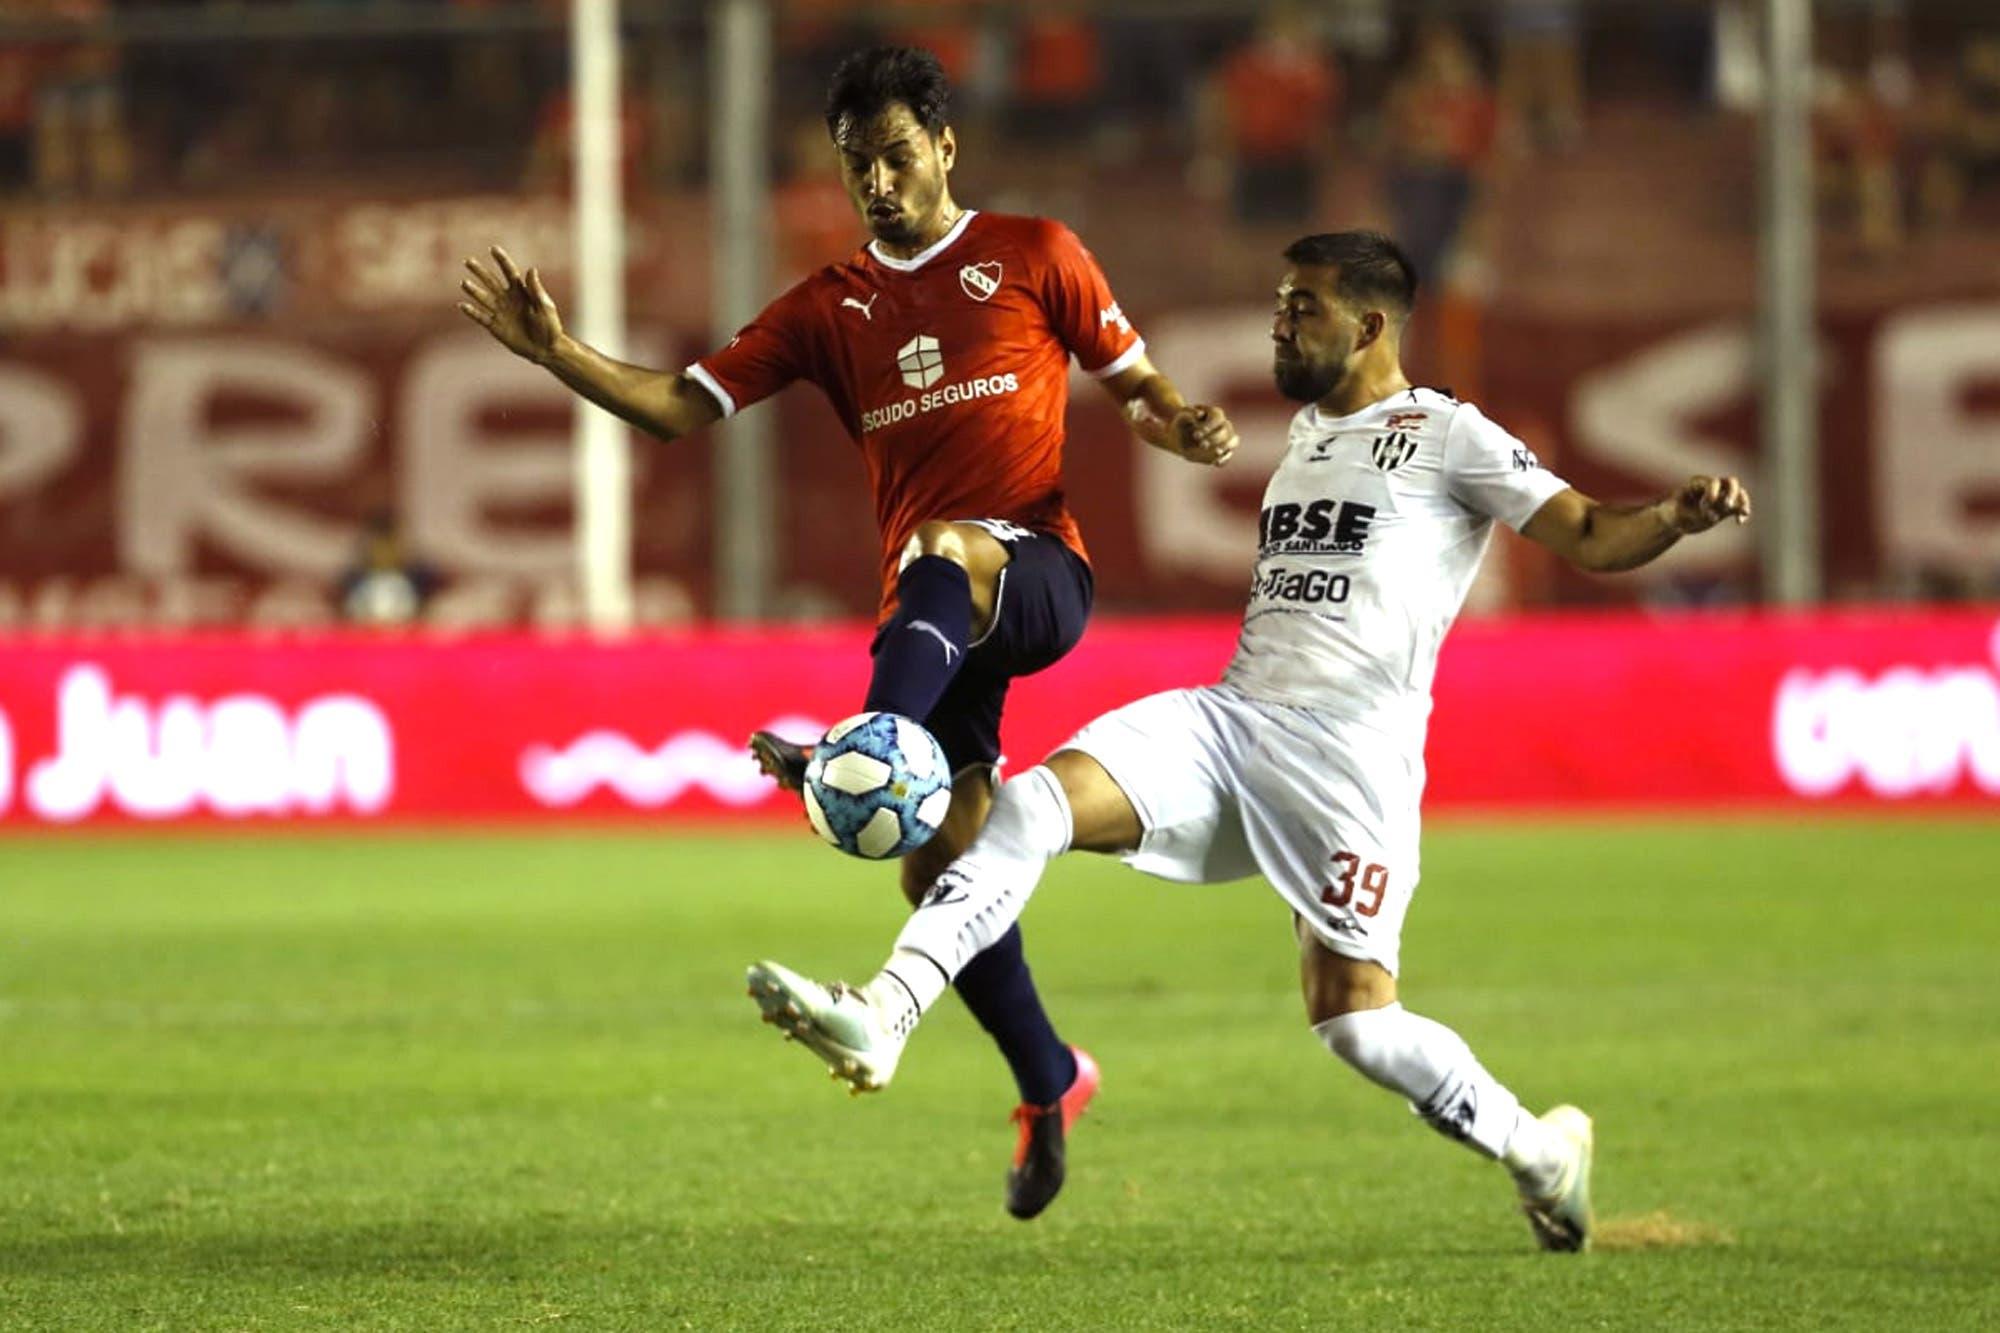 Independiente-Central Córdoba de Santiago del Estero, por la Superliga: el rojo busca finalizar el torneo con una sonrisa